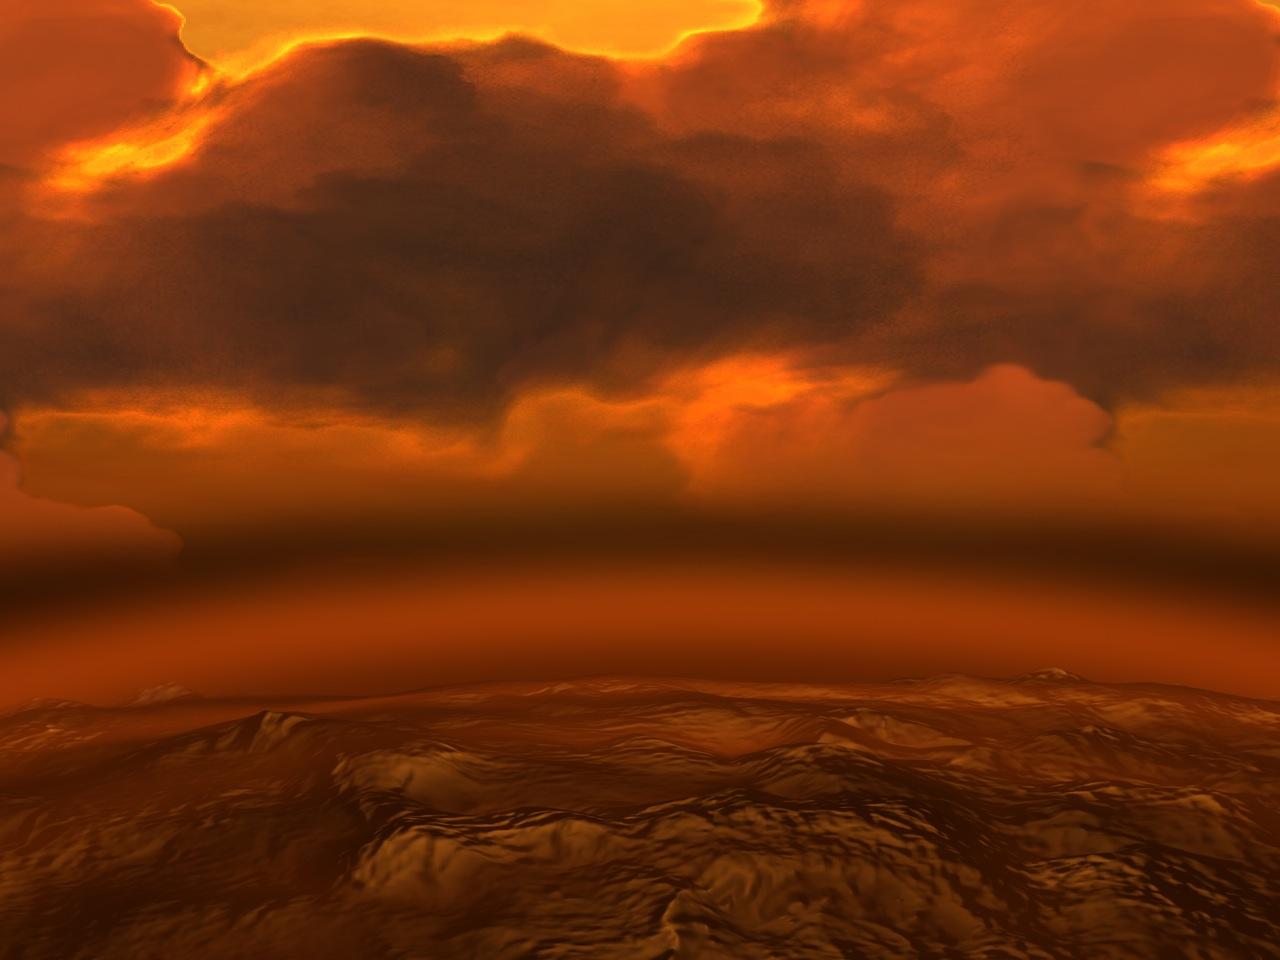 venus gas planet - photo #31